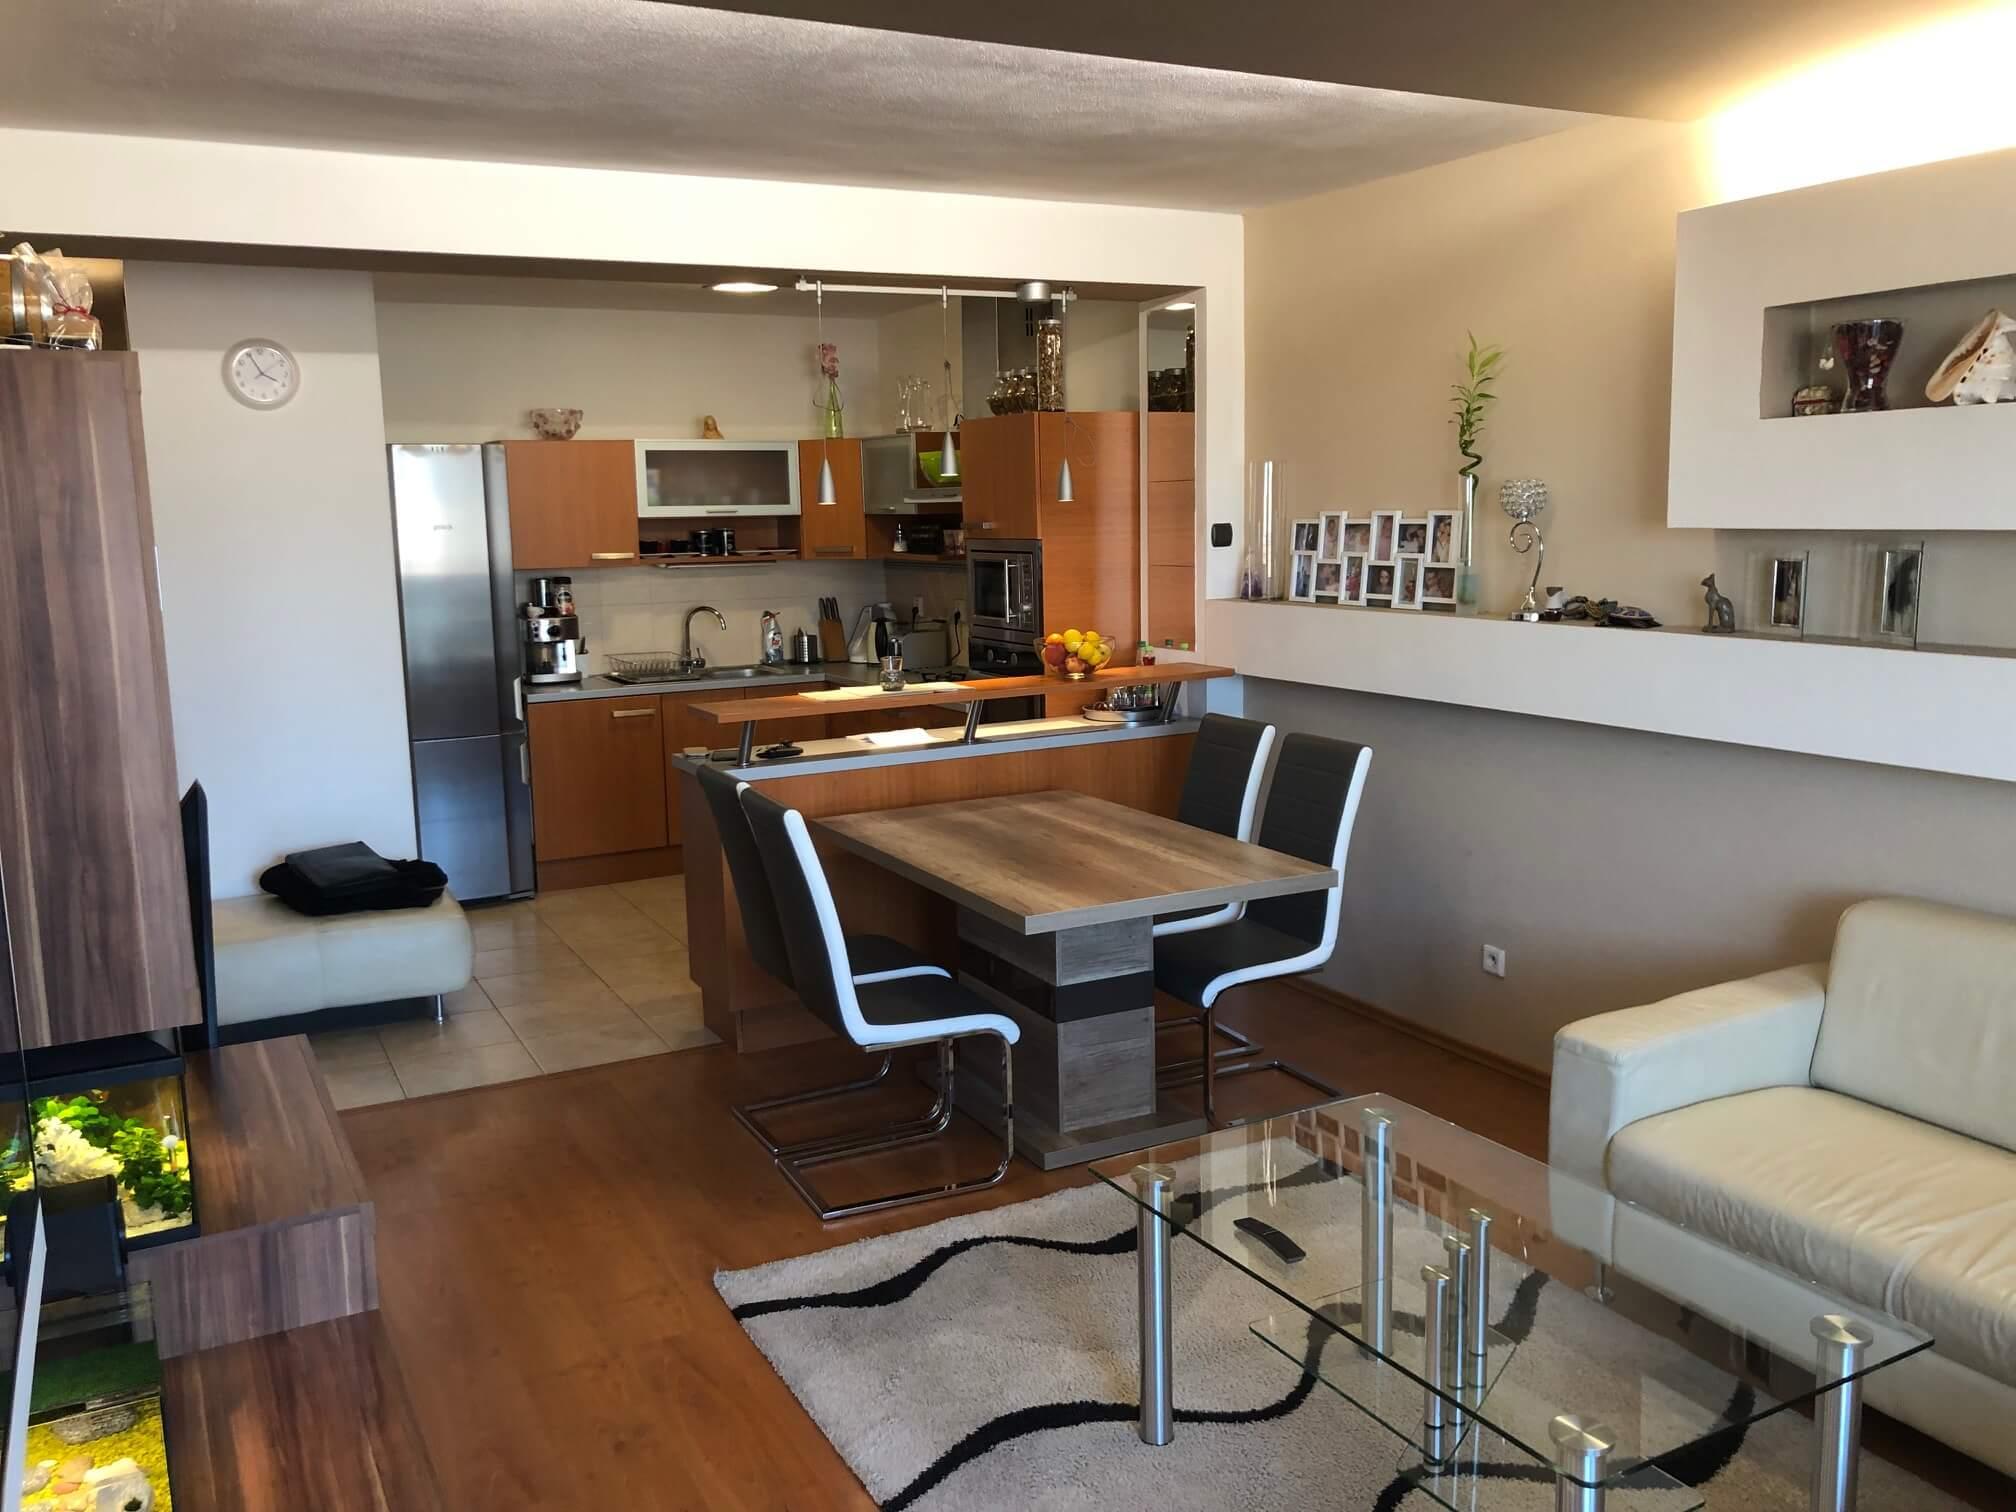 Predané: Exkluzívne na predaj 3 izb. byt, 72 m2, balkón 8 m2, parkovacie státie, Bratislava, Petržalka, Budatínska-1